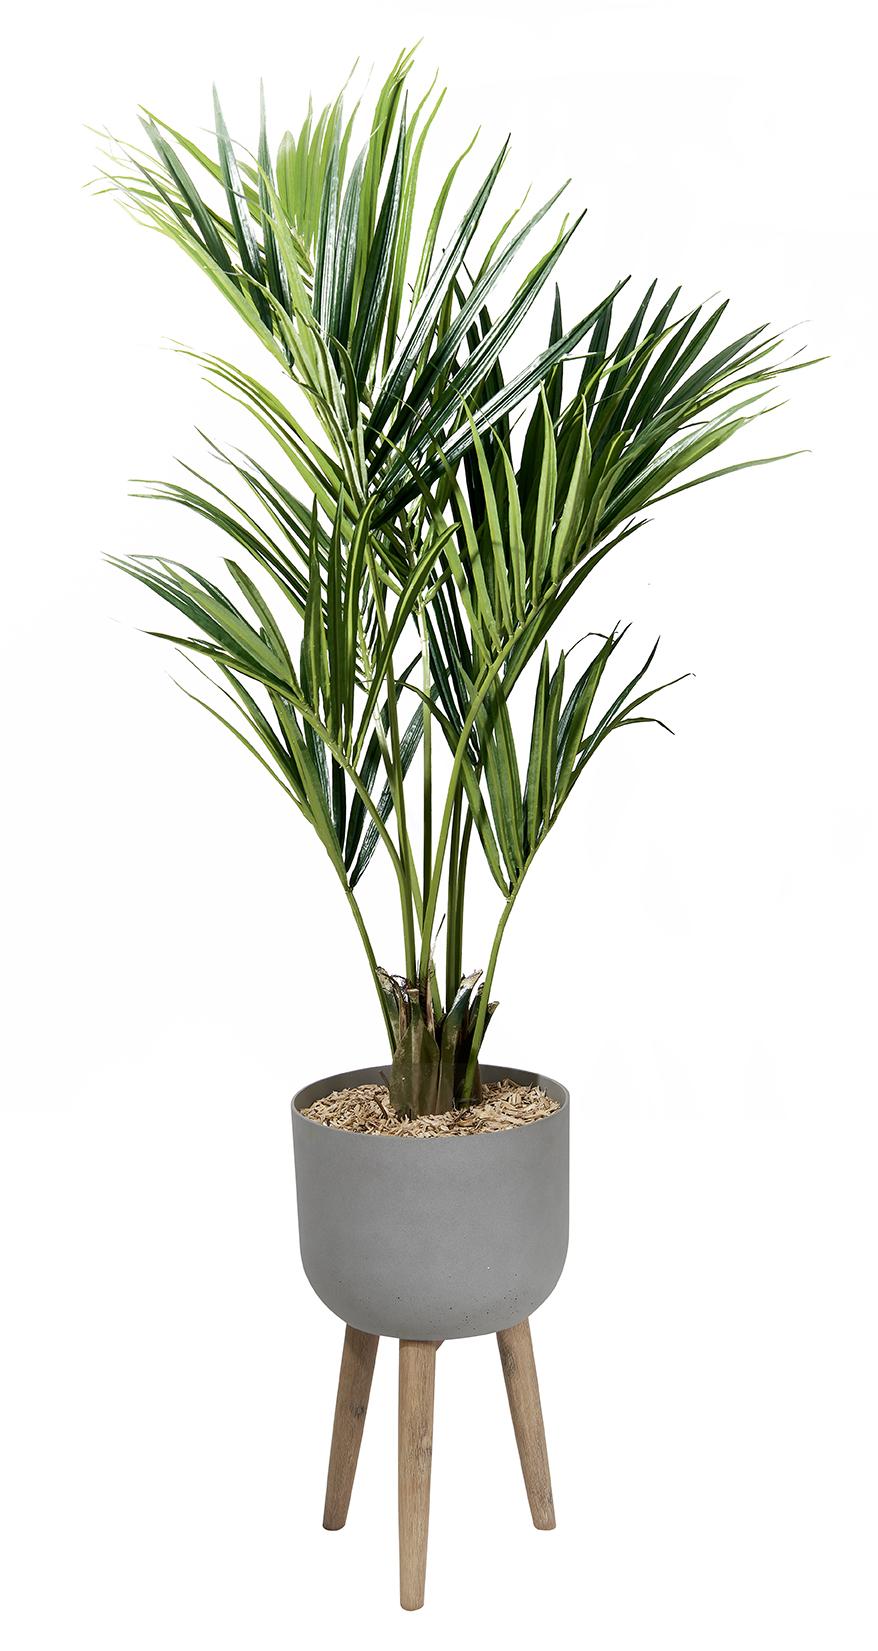 palmier artificiel bac design pieds bois